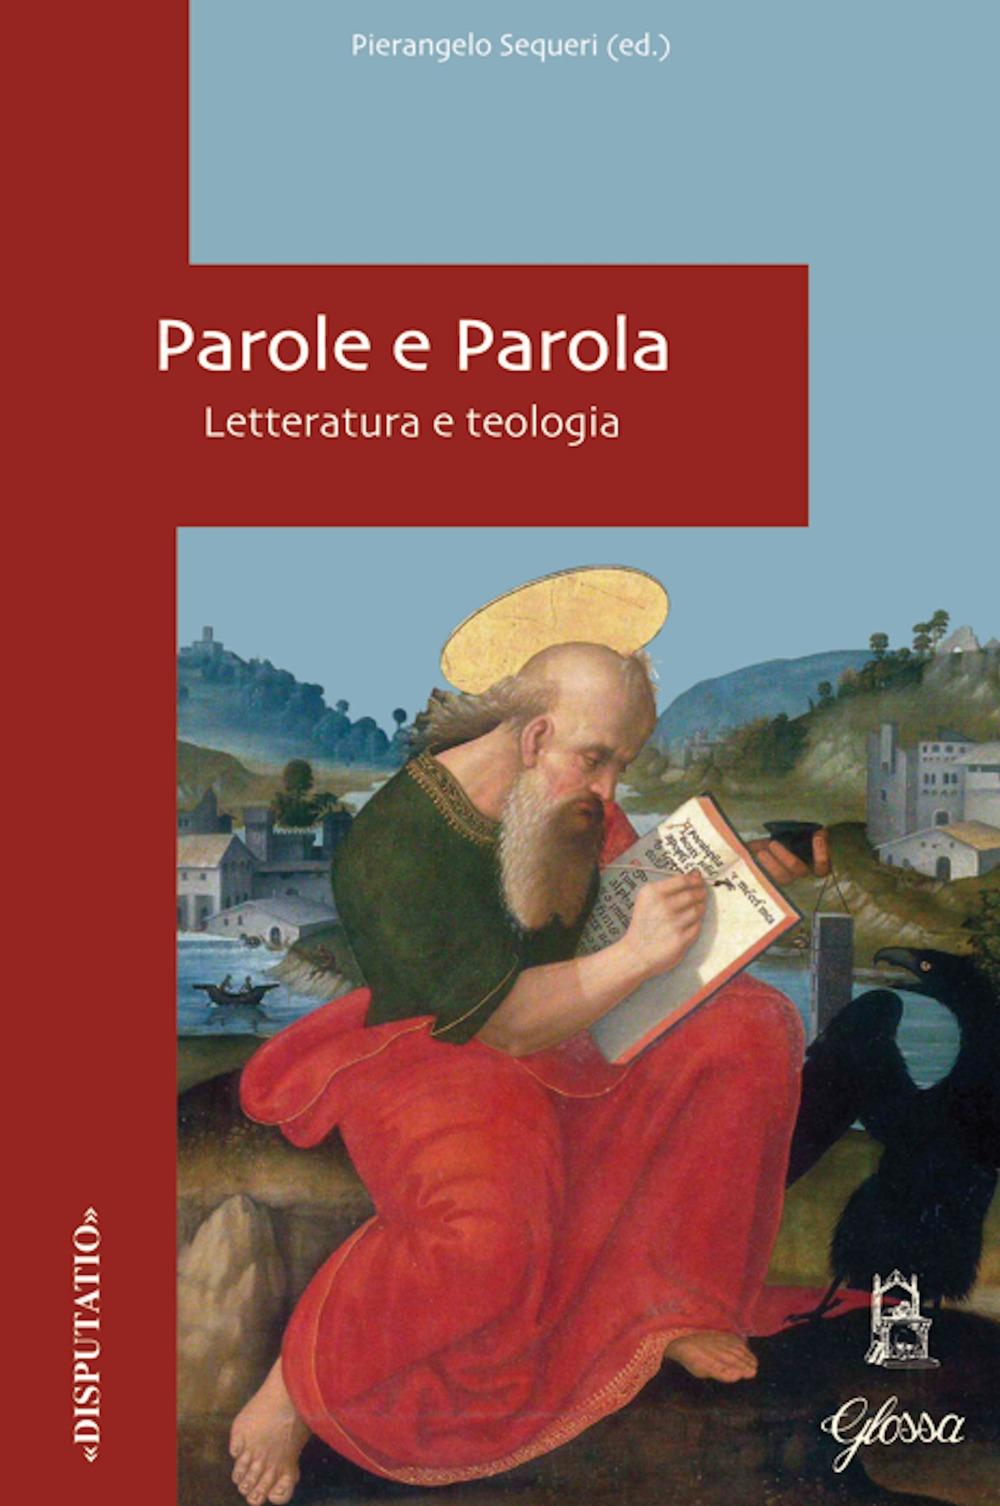 Parole e parola. Letteratura e teologia.